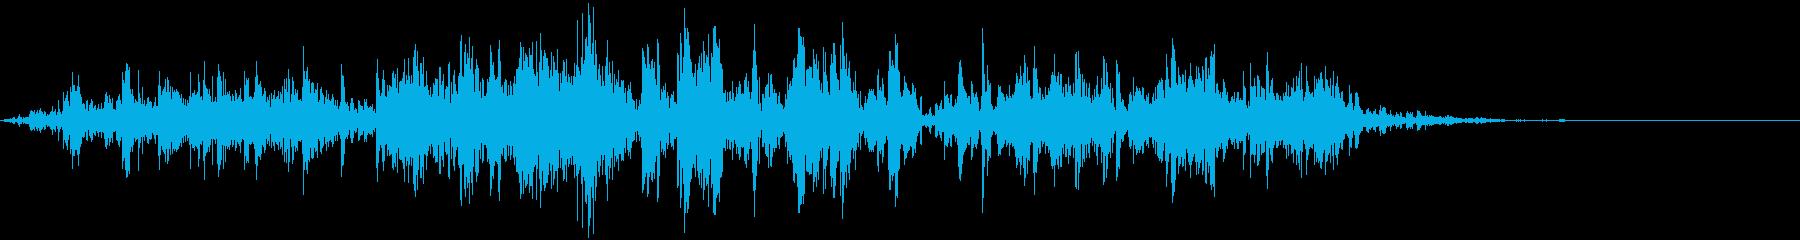 鎖を動かす音8【長い】の再生済みの波形